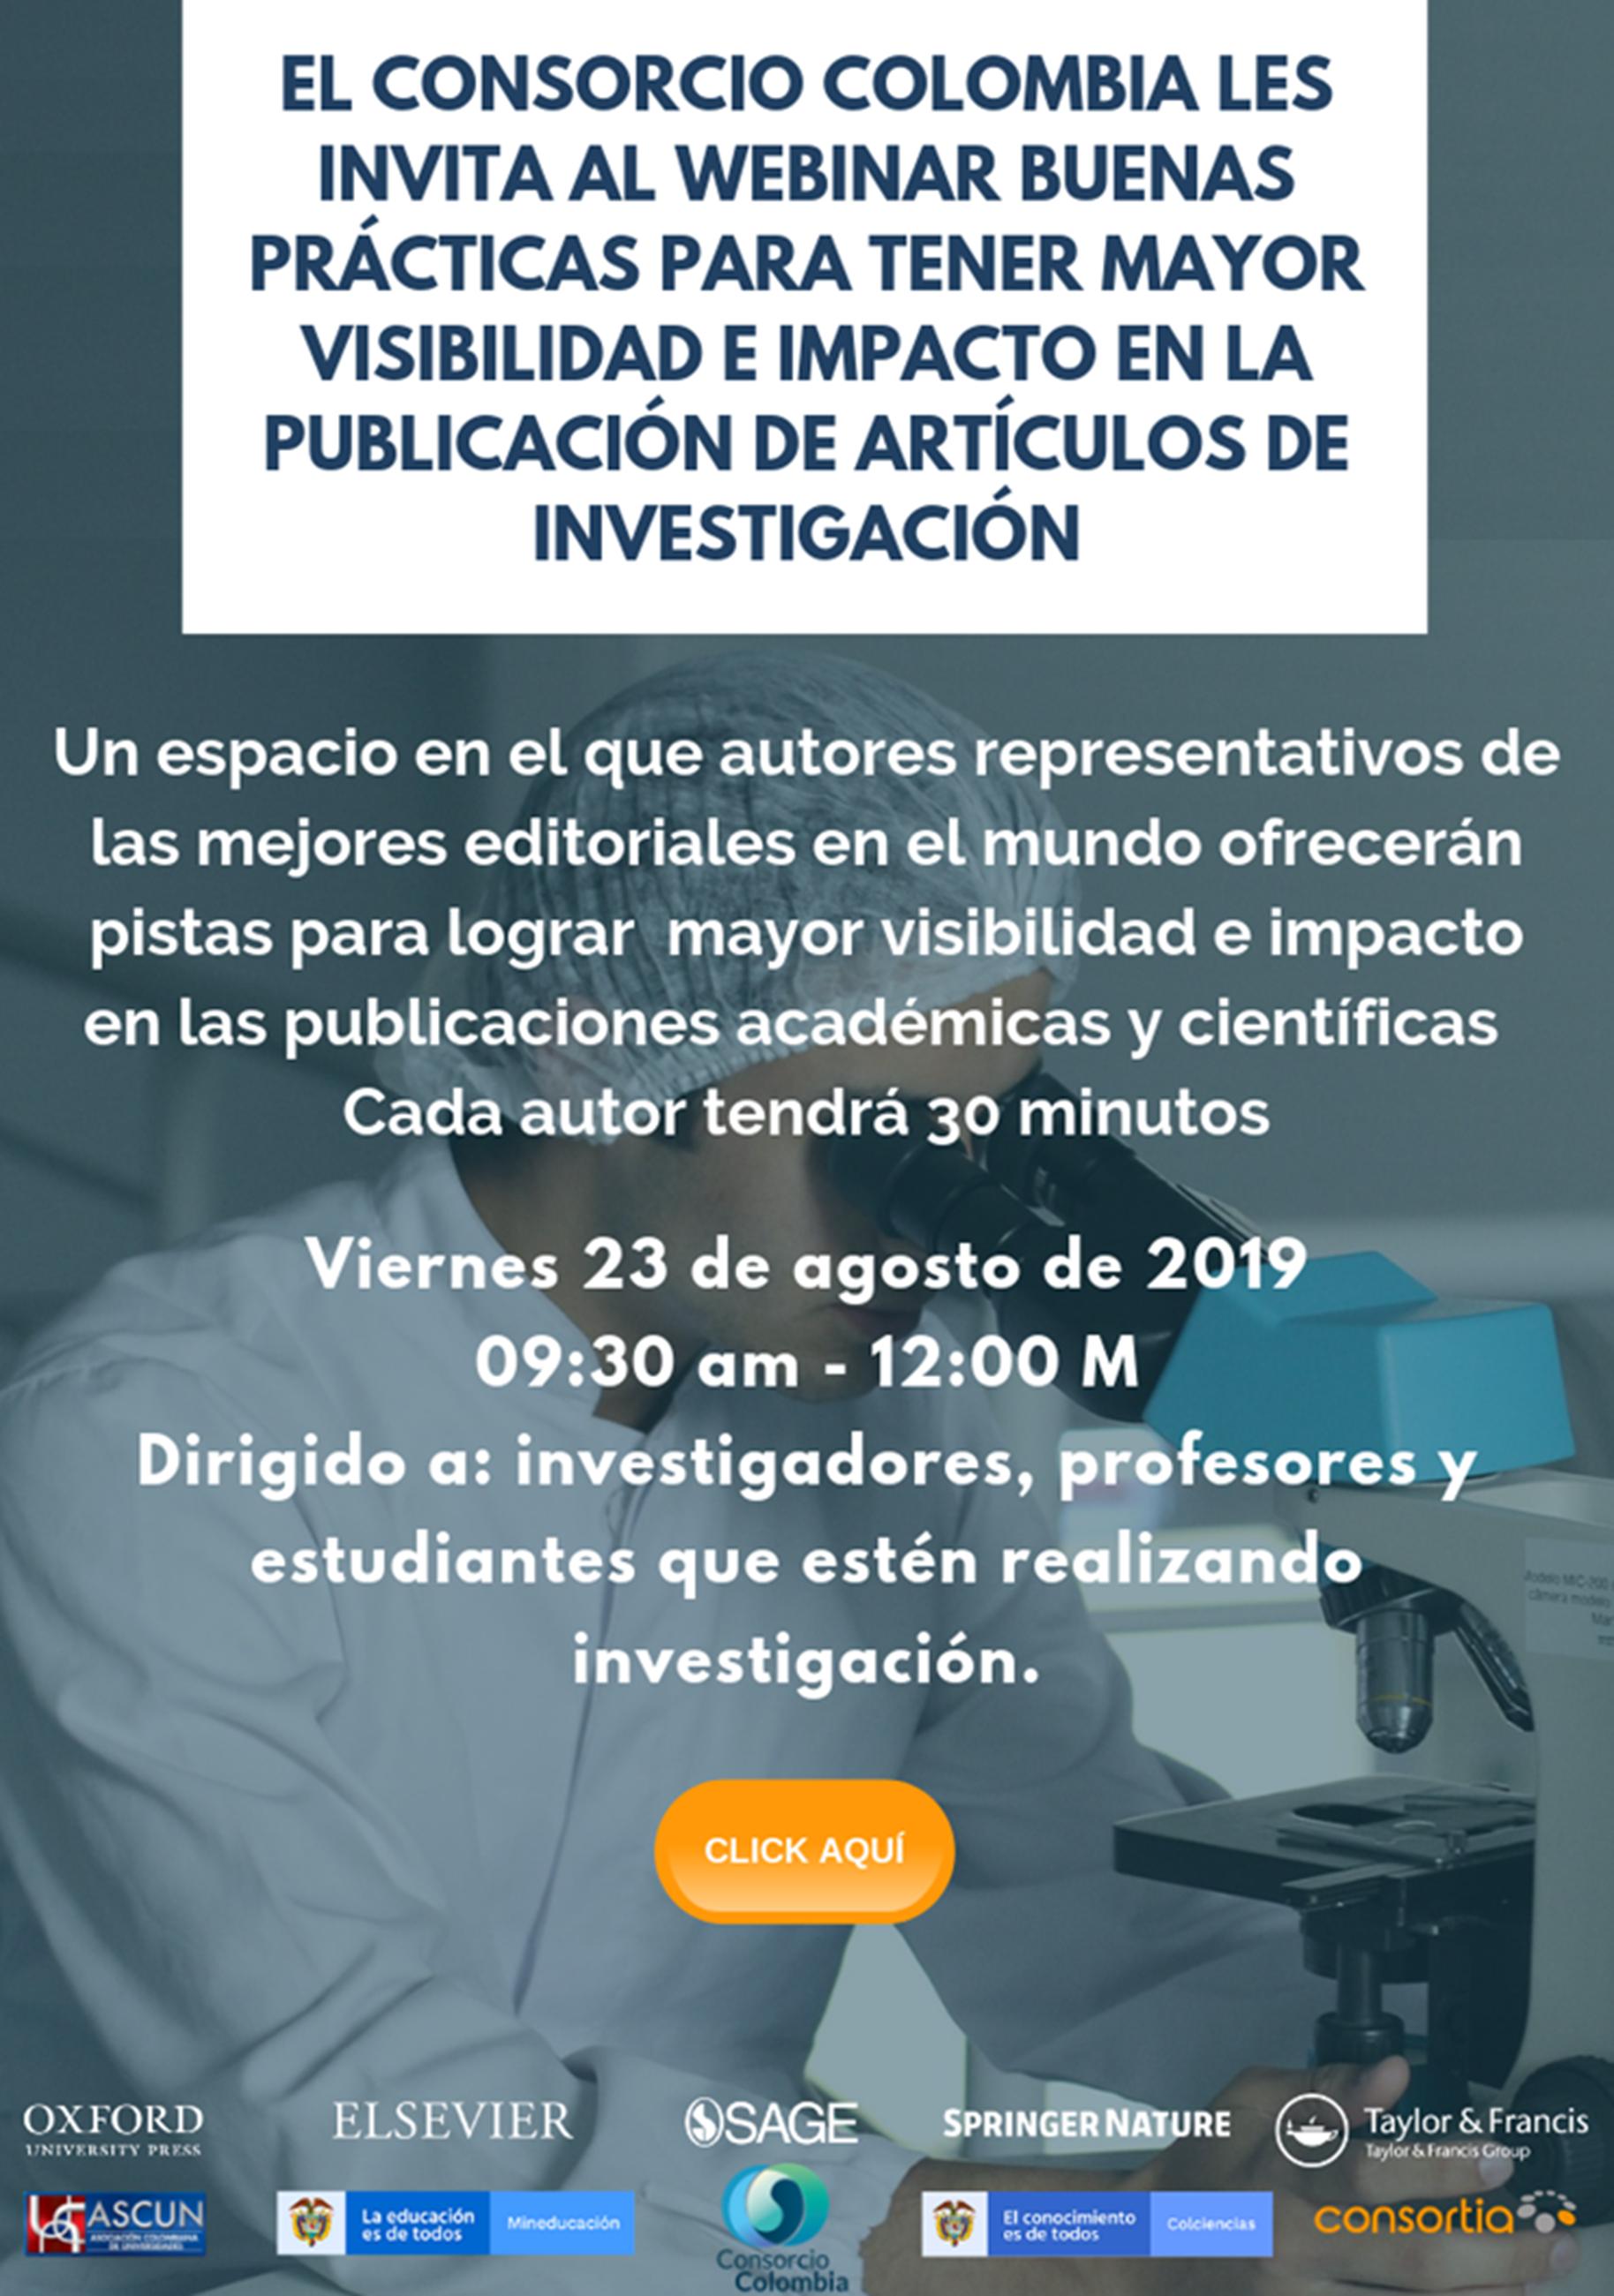 Seminario web «Buenas prácticas para tener mayor visibilidad e impacto en la publicación de artículos de investigación»